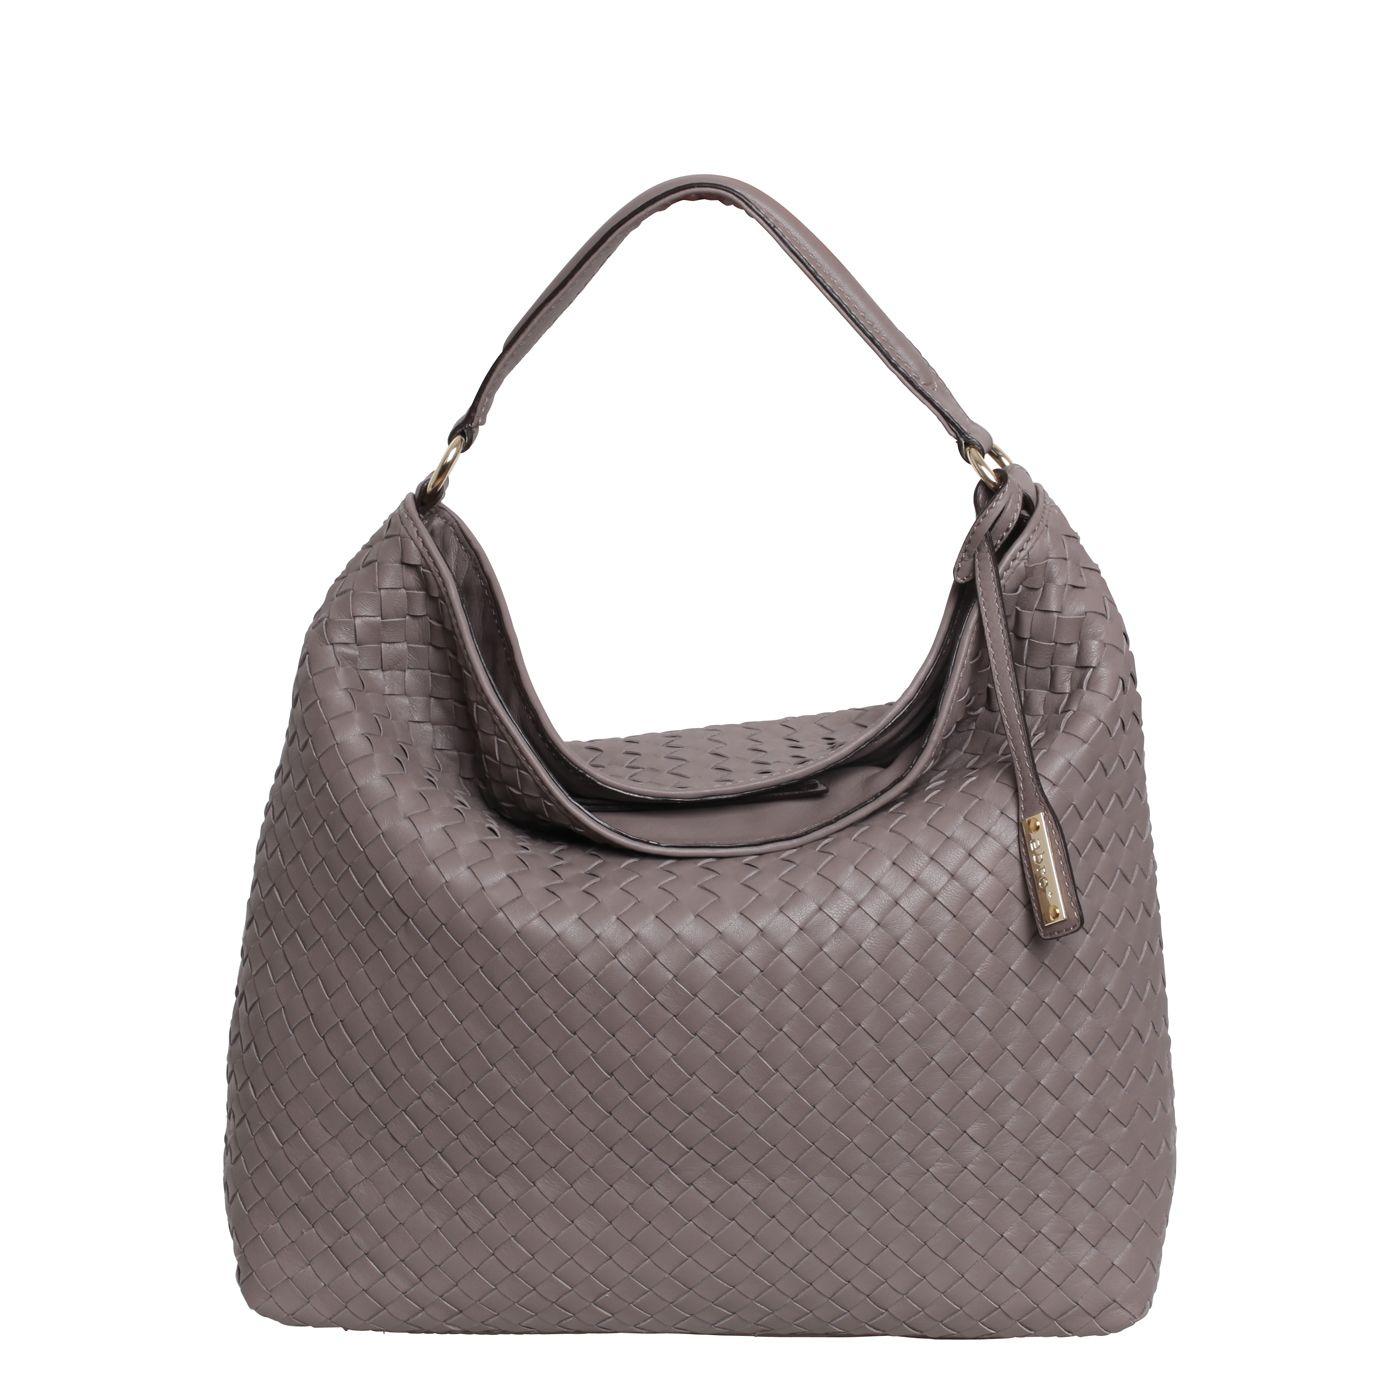 Beutel Geflochten Zinc Anz Rebecca Minkoff Hobo Bags Shopping